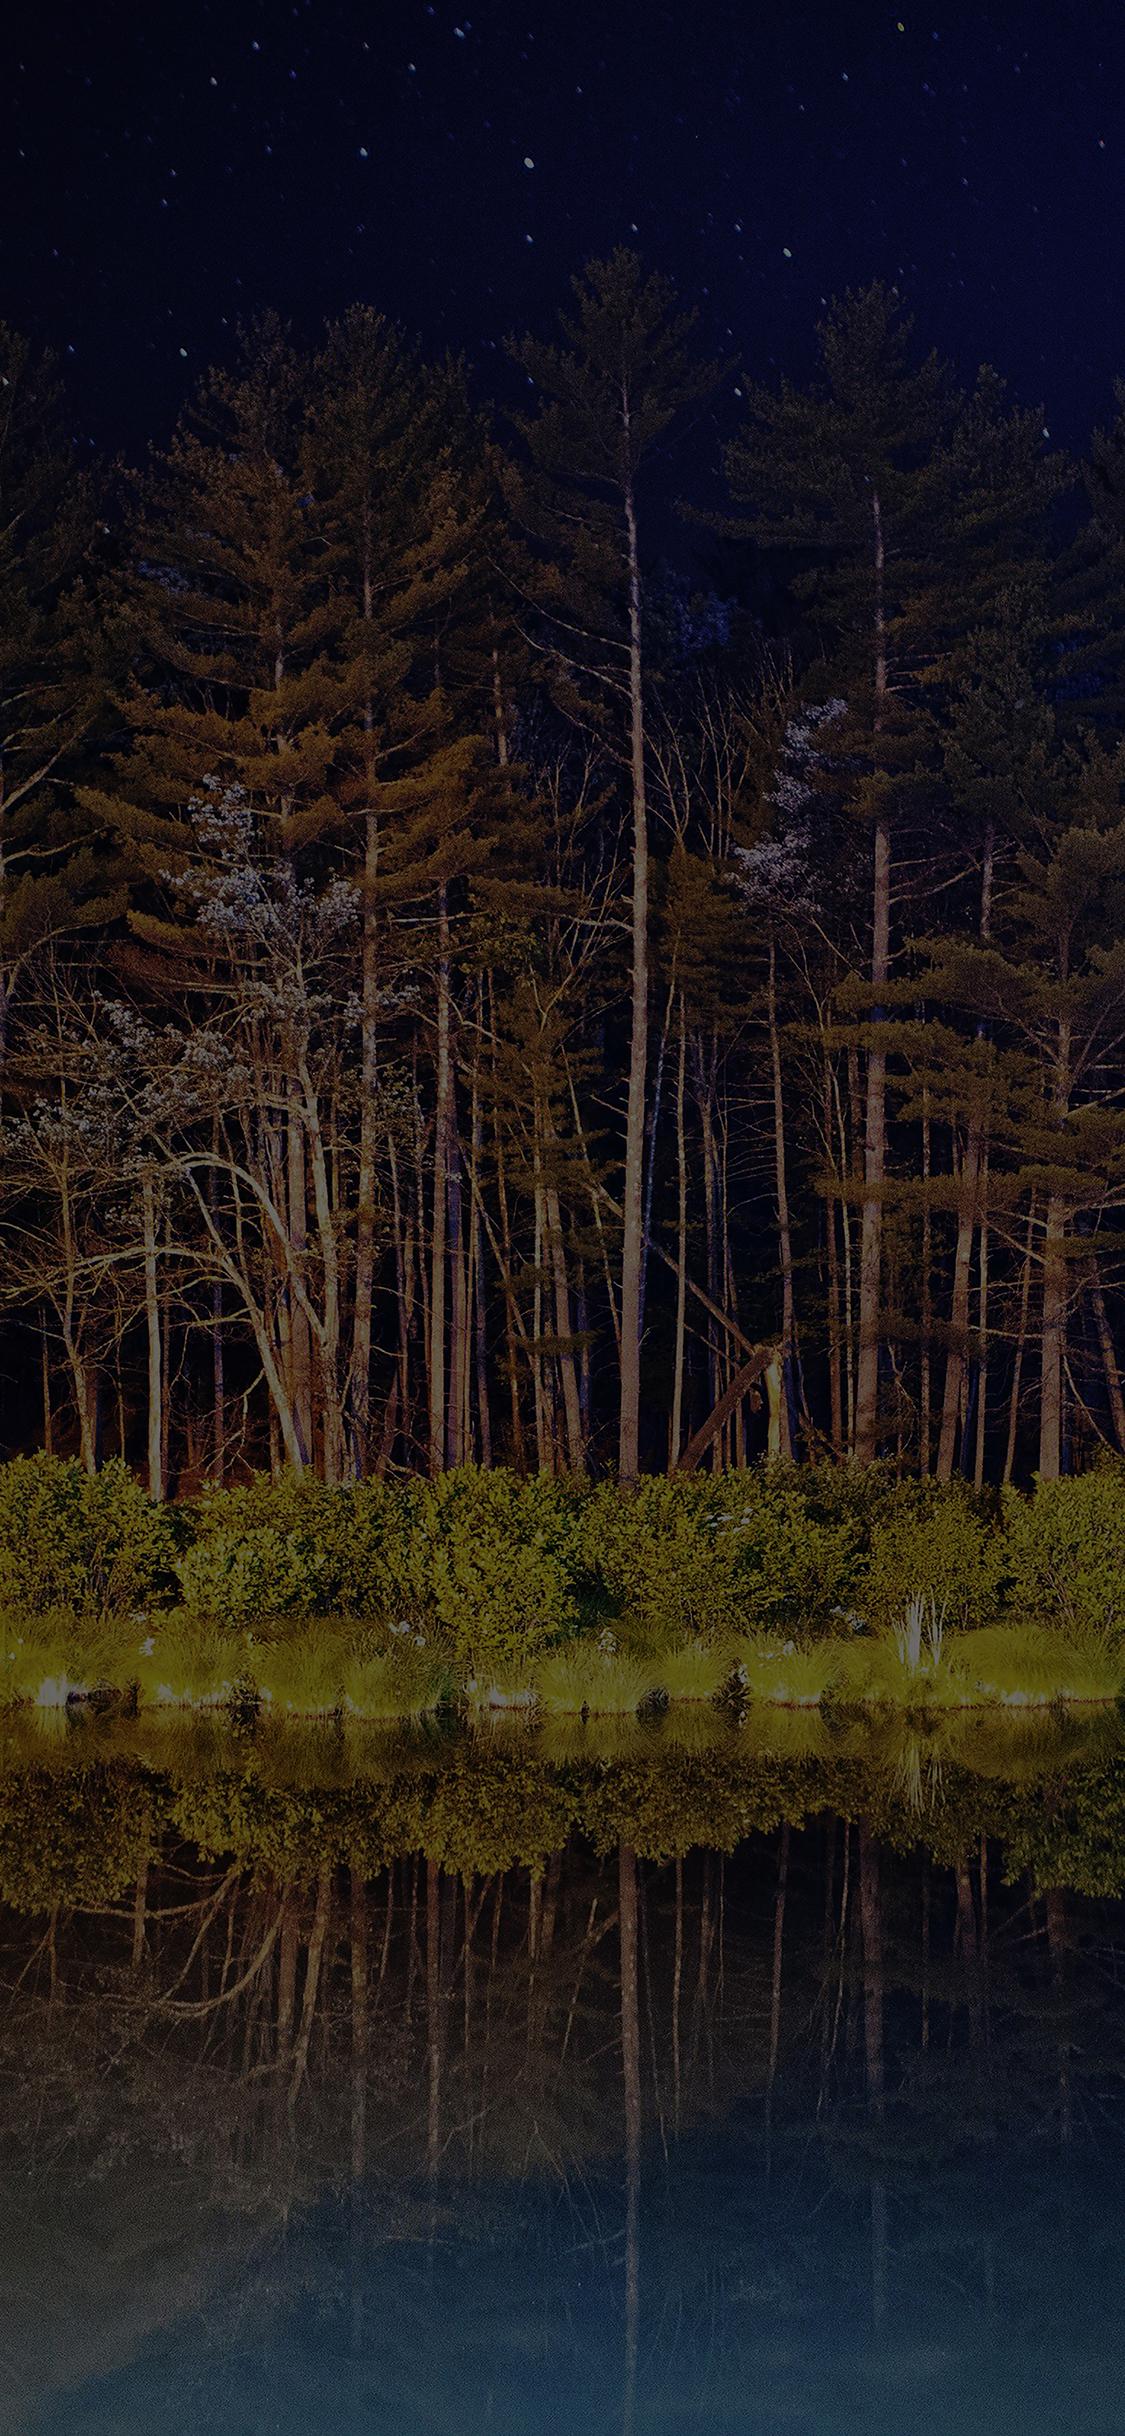 Mg68 Night Dark Wood With Lake Nature